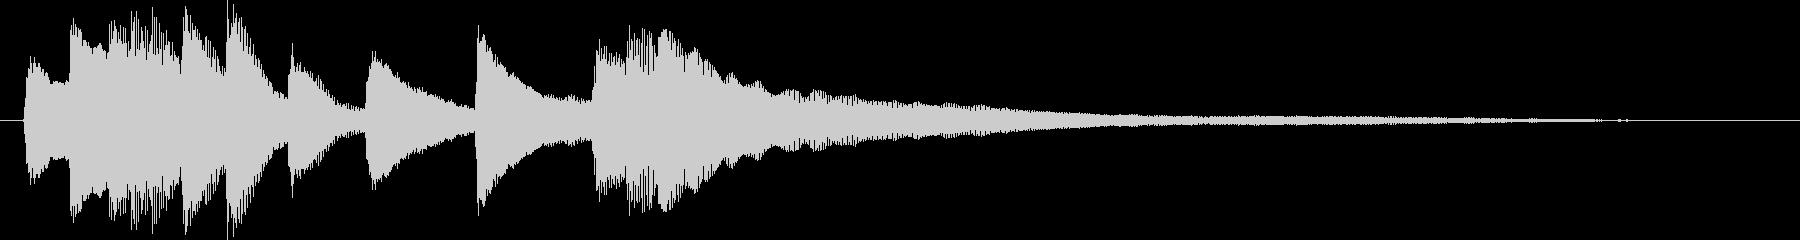 美しいグランドピアノのジングルの未再生の波形